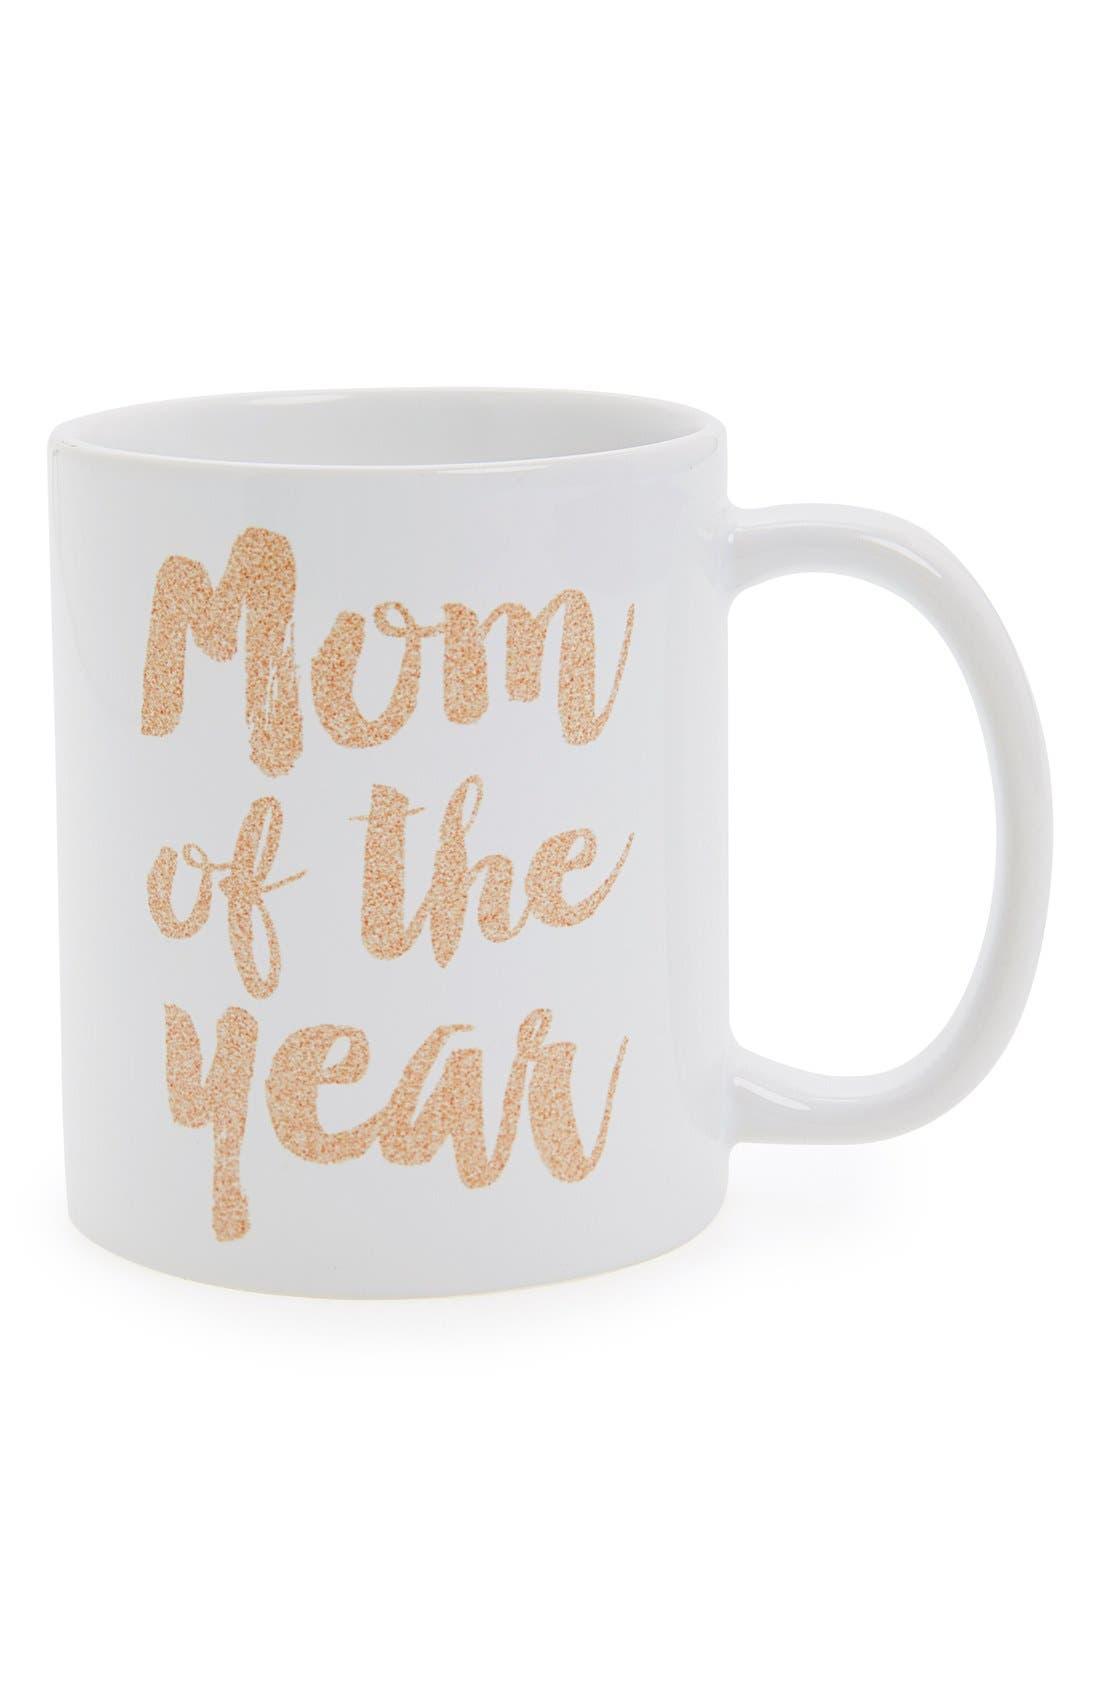 Main Image - DENY Designs 'Mom Of The Year' Mug